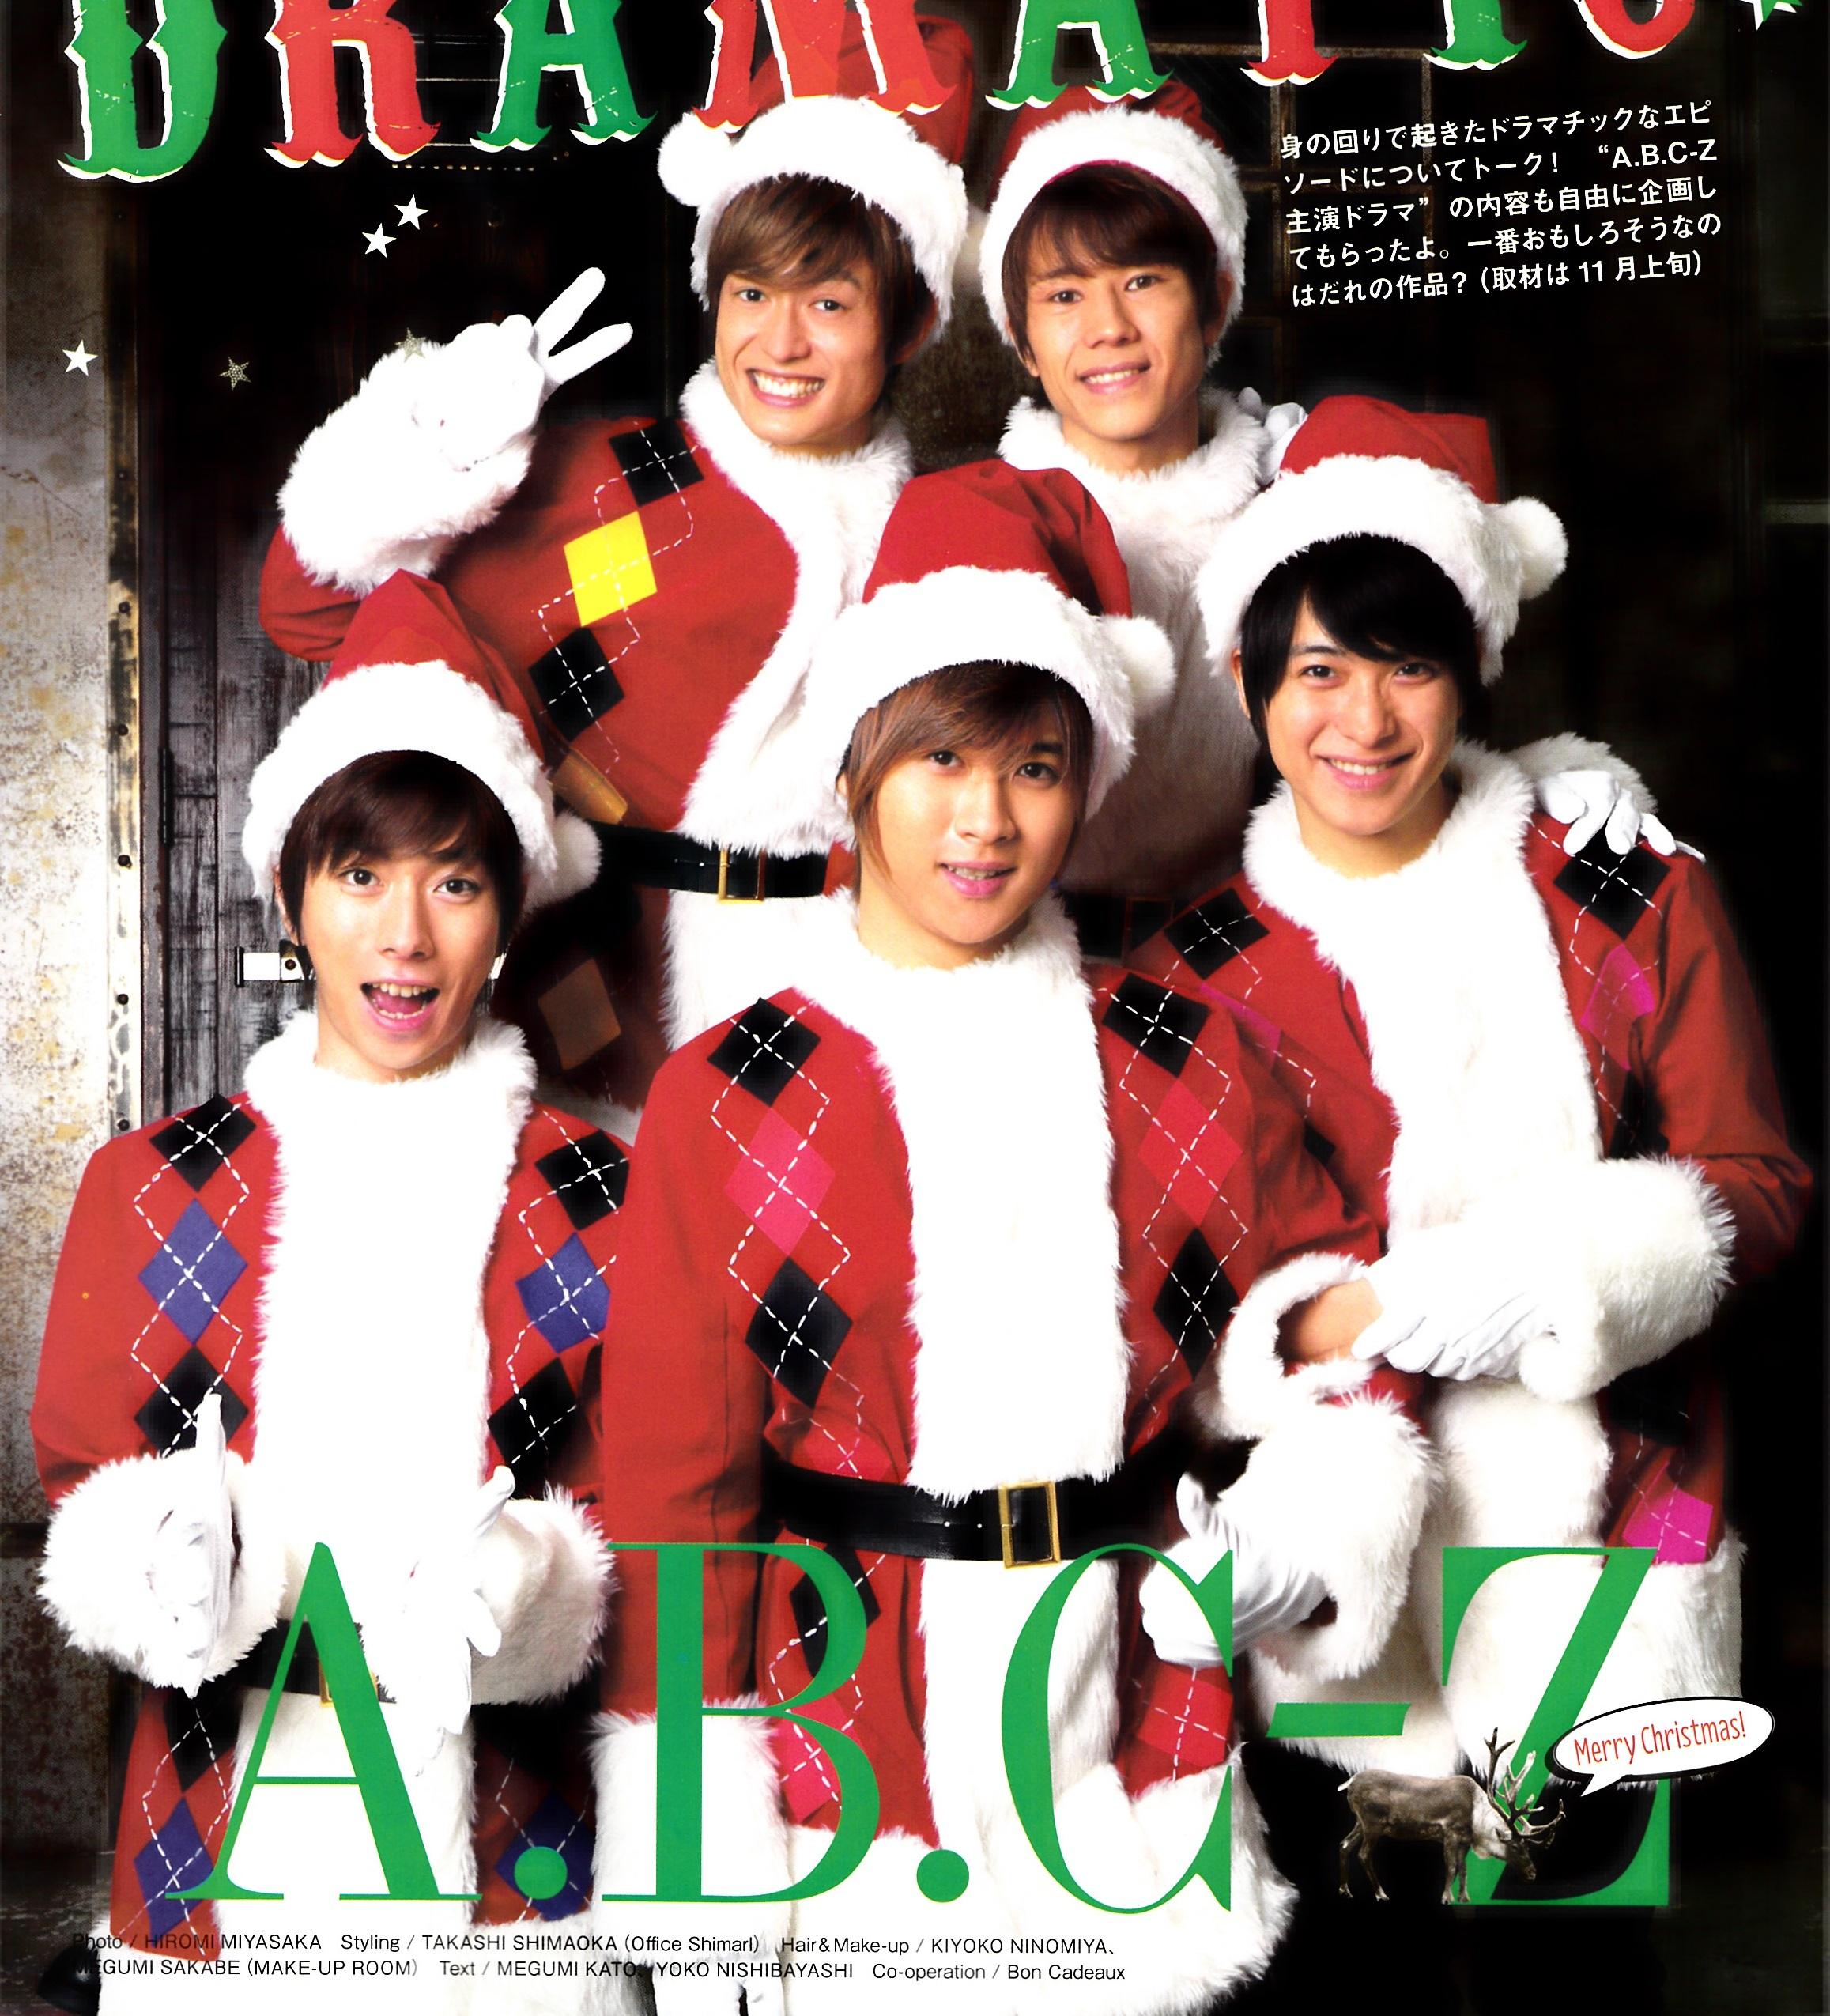 A.B.C-Z vous souhaitent un Merry X'mas